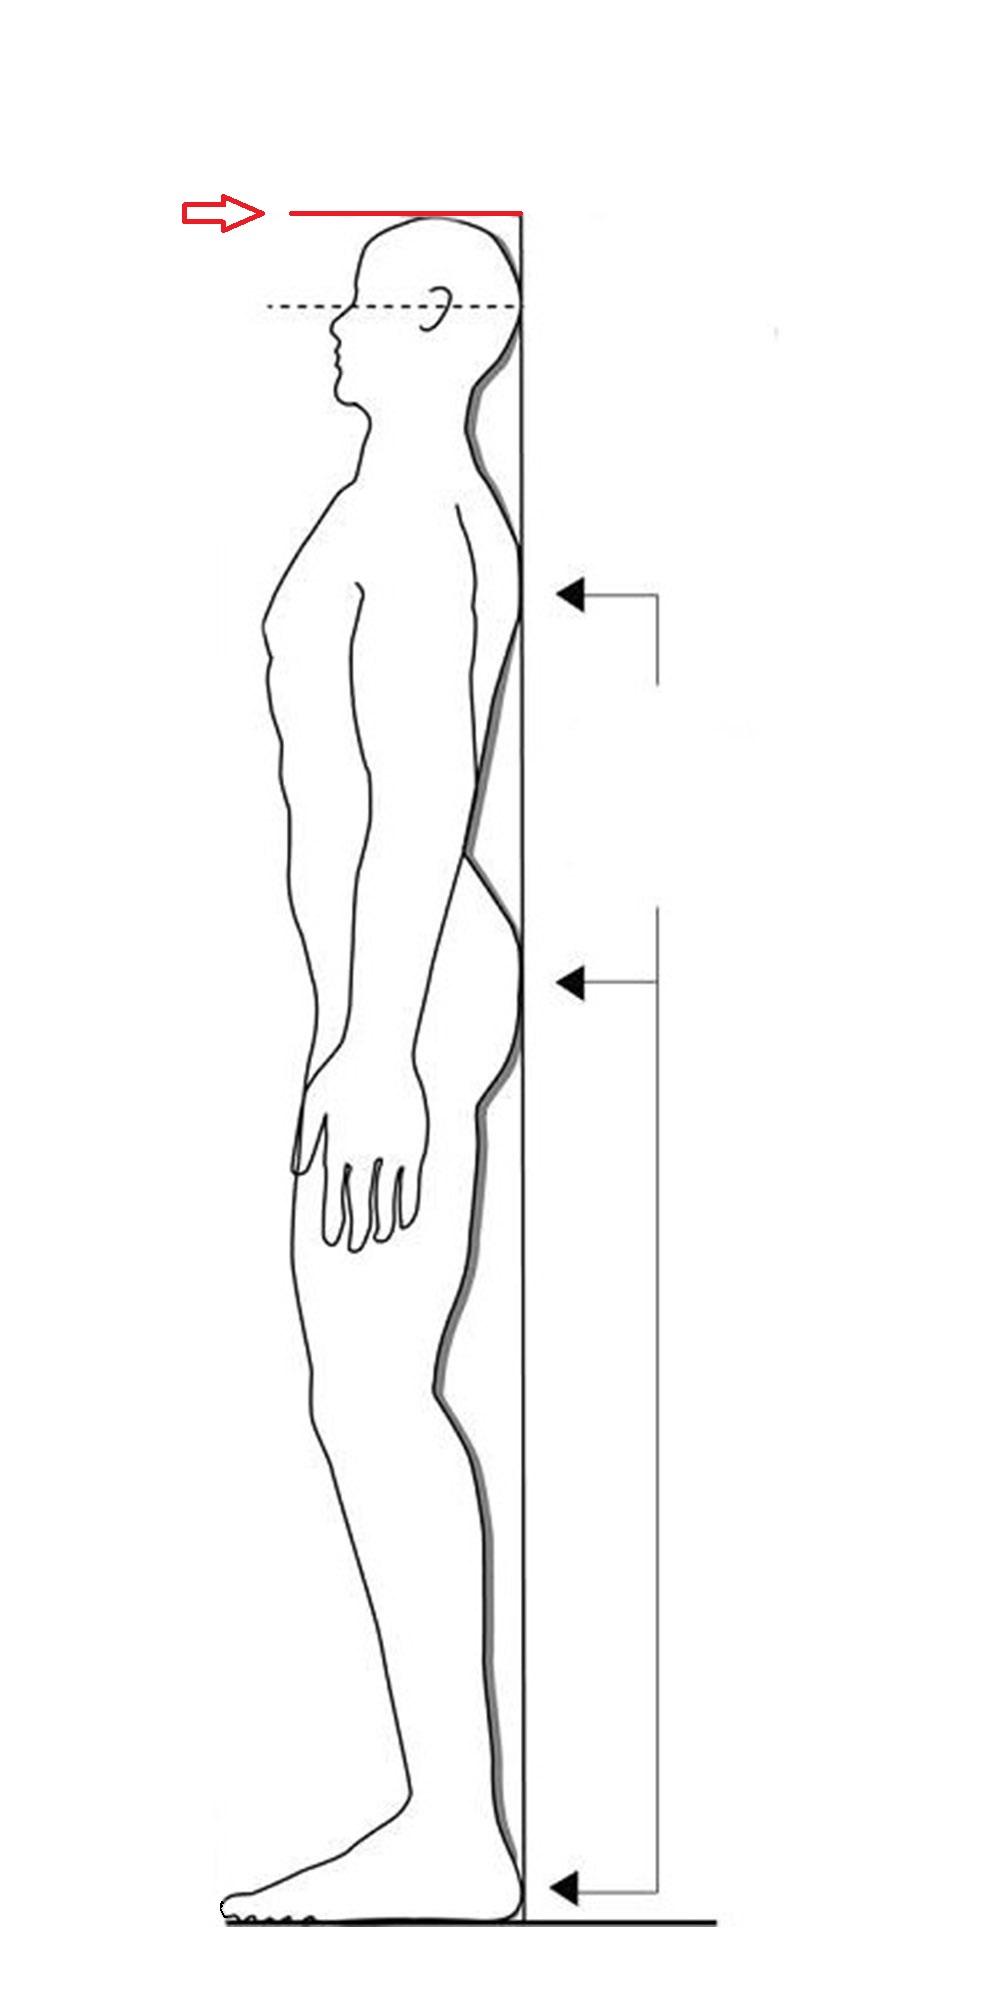 اندازه گیری قد